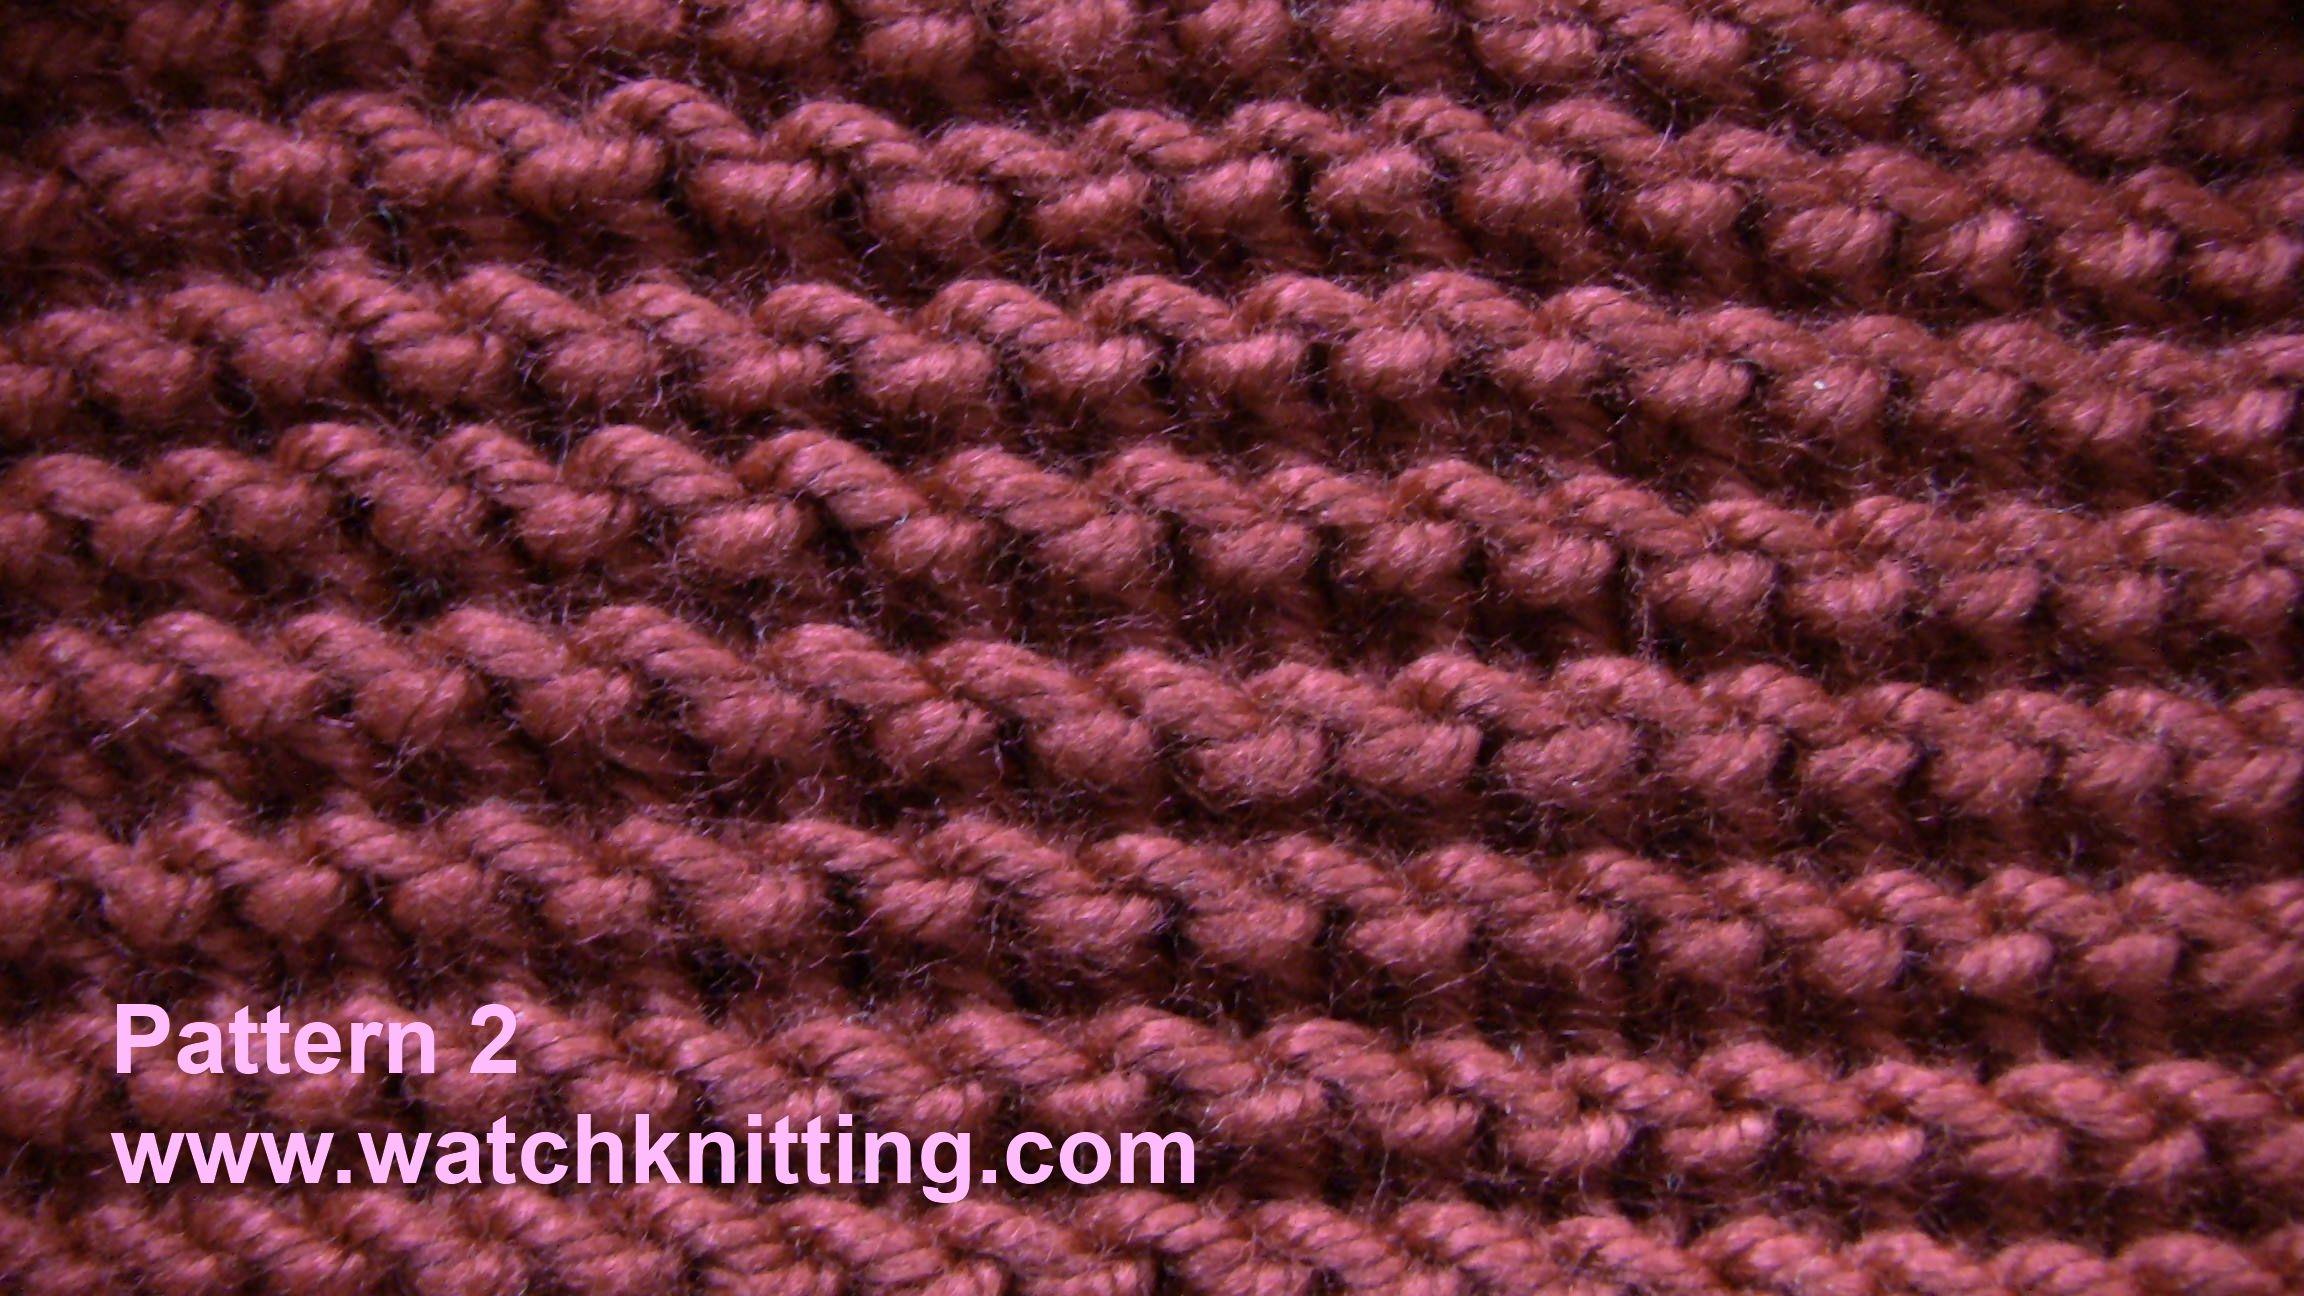 Pattern 2 garter stitch simple knitting stitches watchknitting pattern 2 garter stitch simple knitting stitches watchknitting bankloansurffo Choice Image